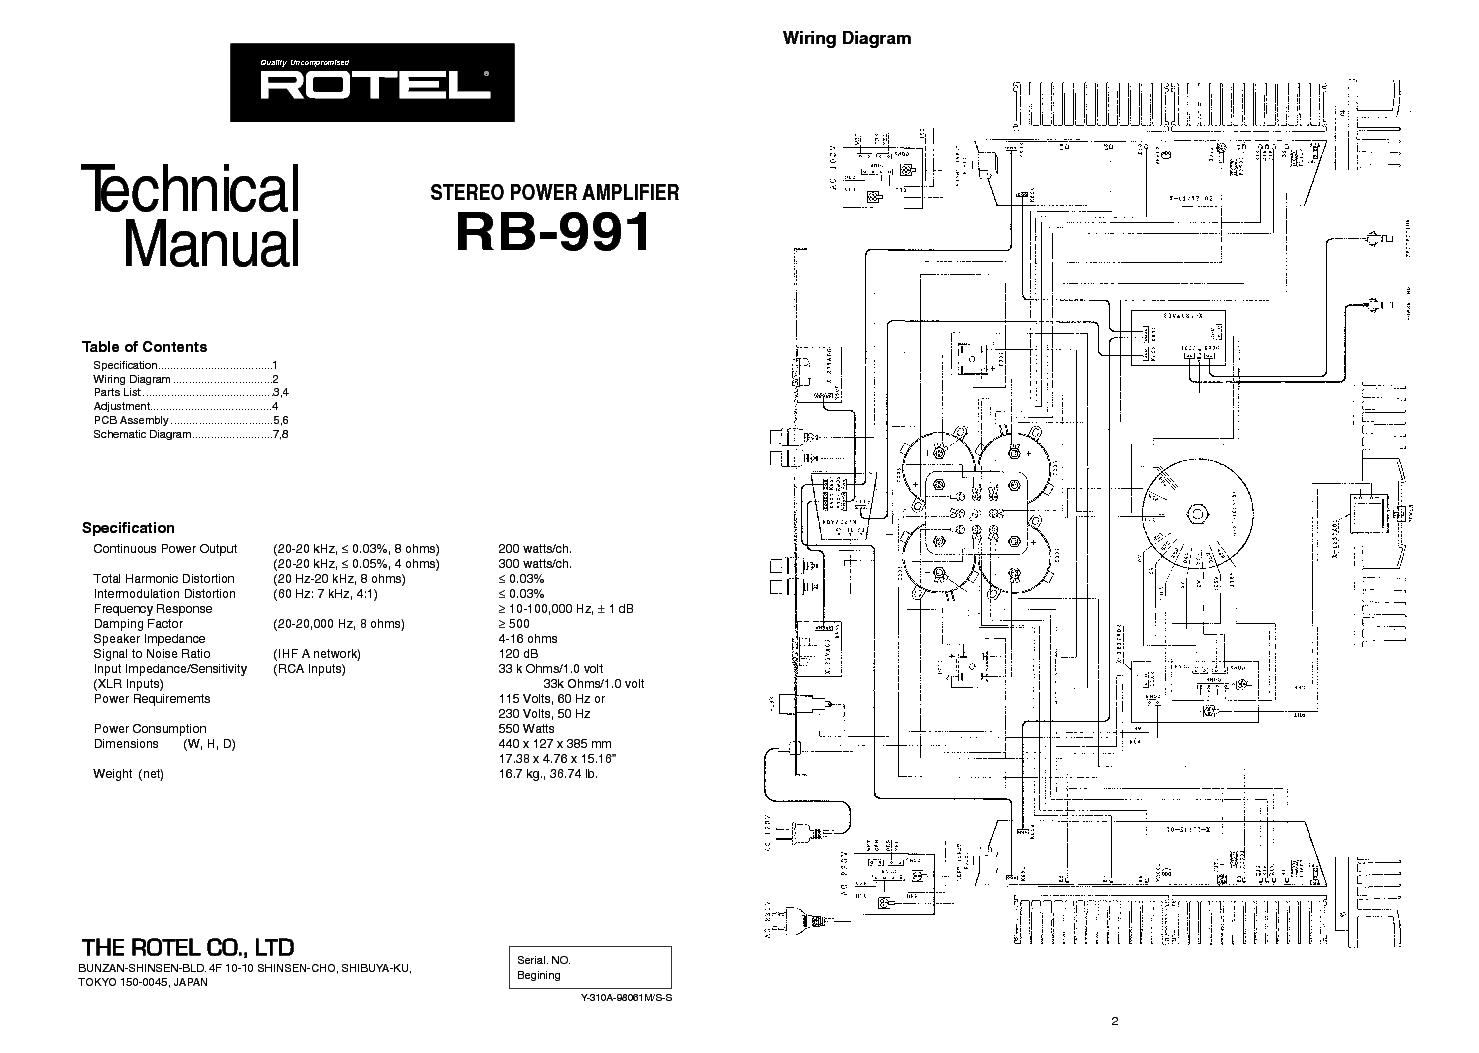 Схема и документация усилителя Rotel RB 991.